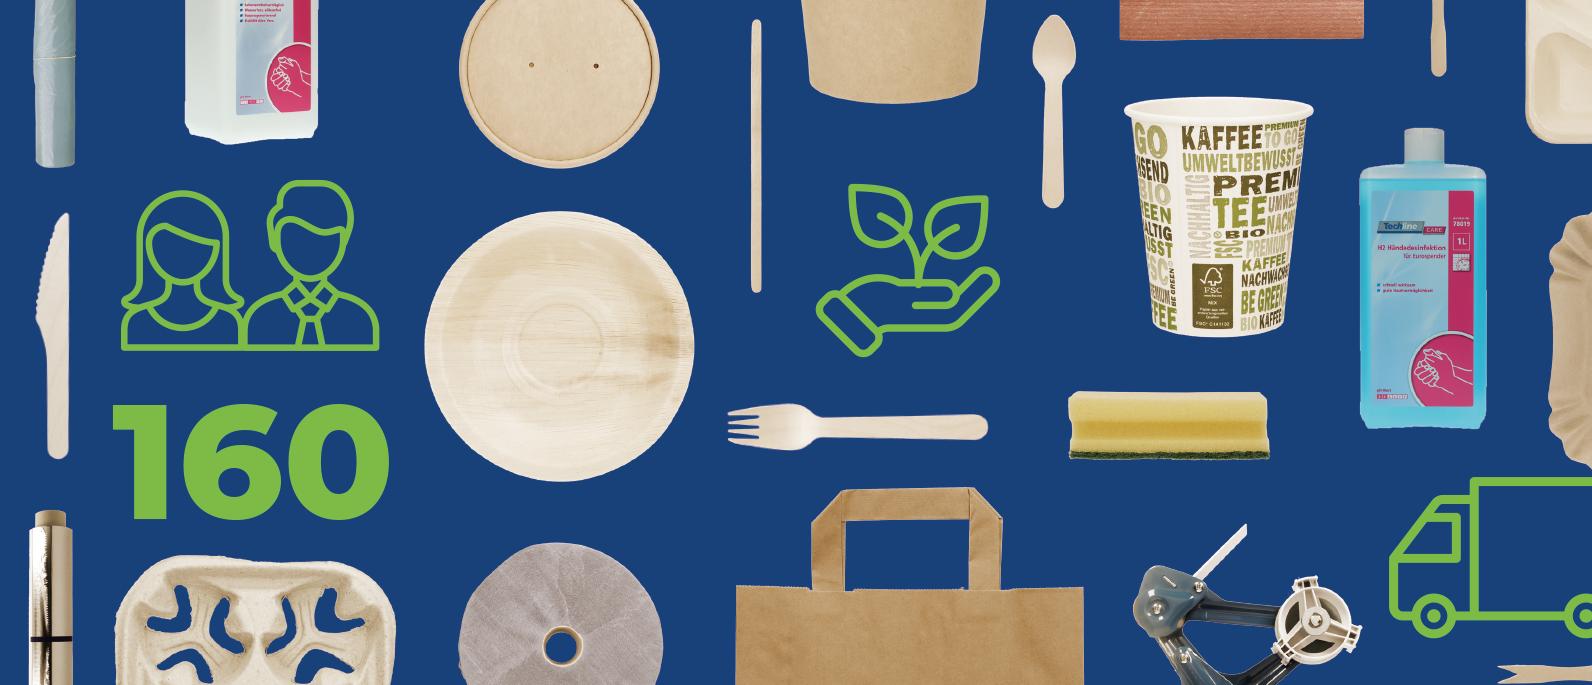 Nachhaltige Papiertragetaschen, Suppenbecher, Birkenholzbesteck, Eislöffel, Kaffeebecher, Pommesschale, Spülschwamm, Handdesinfektionsmittel, Kaffeebecherhalter, Müllbeutel